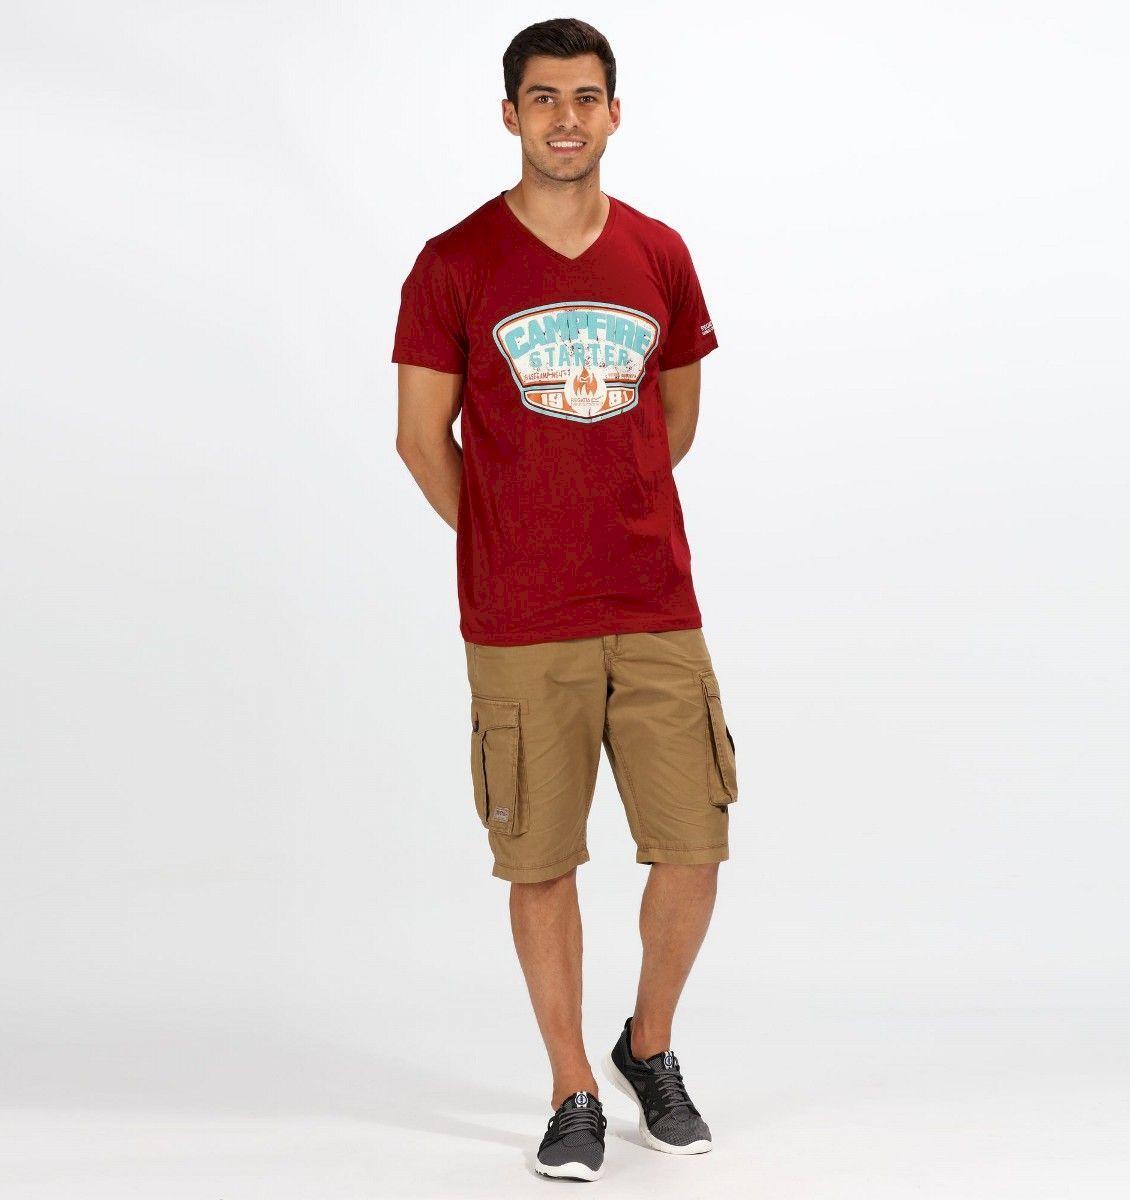 Футболка мужская Regatta Calton, цвет: красный. RMT193-649. Размер L (52/54)RMT193-649100% хлопок Coolweave. Графический рисунок. V-образный вырез горловины.